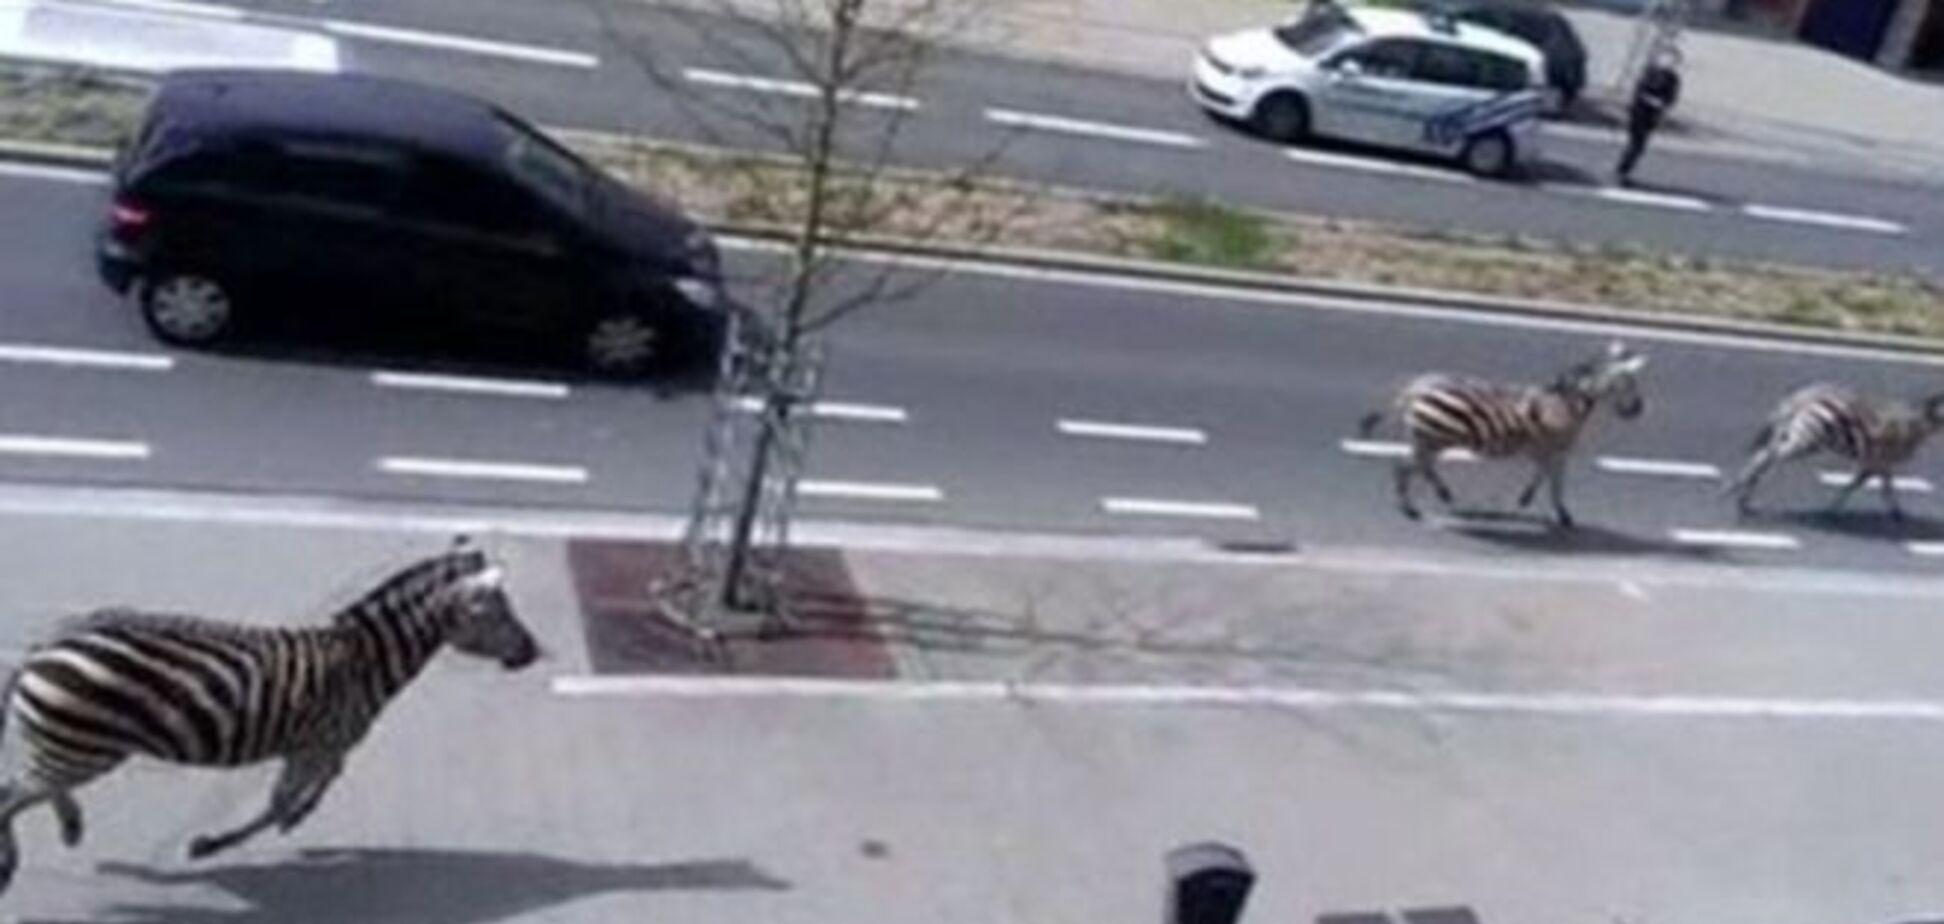 Три зебры выбрались из неволи и прискакали в центр Брюсселя: видеофакт